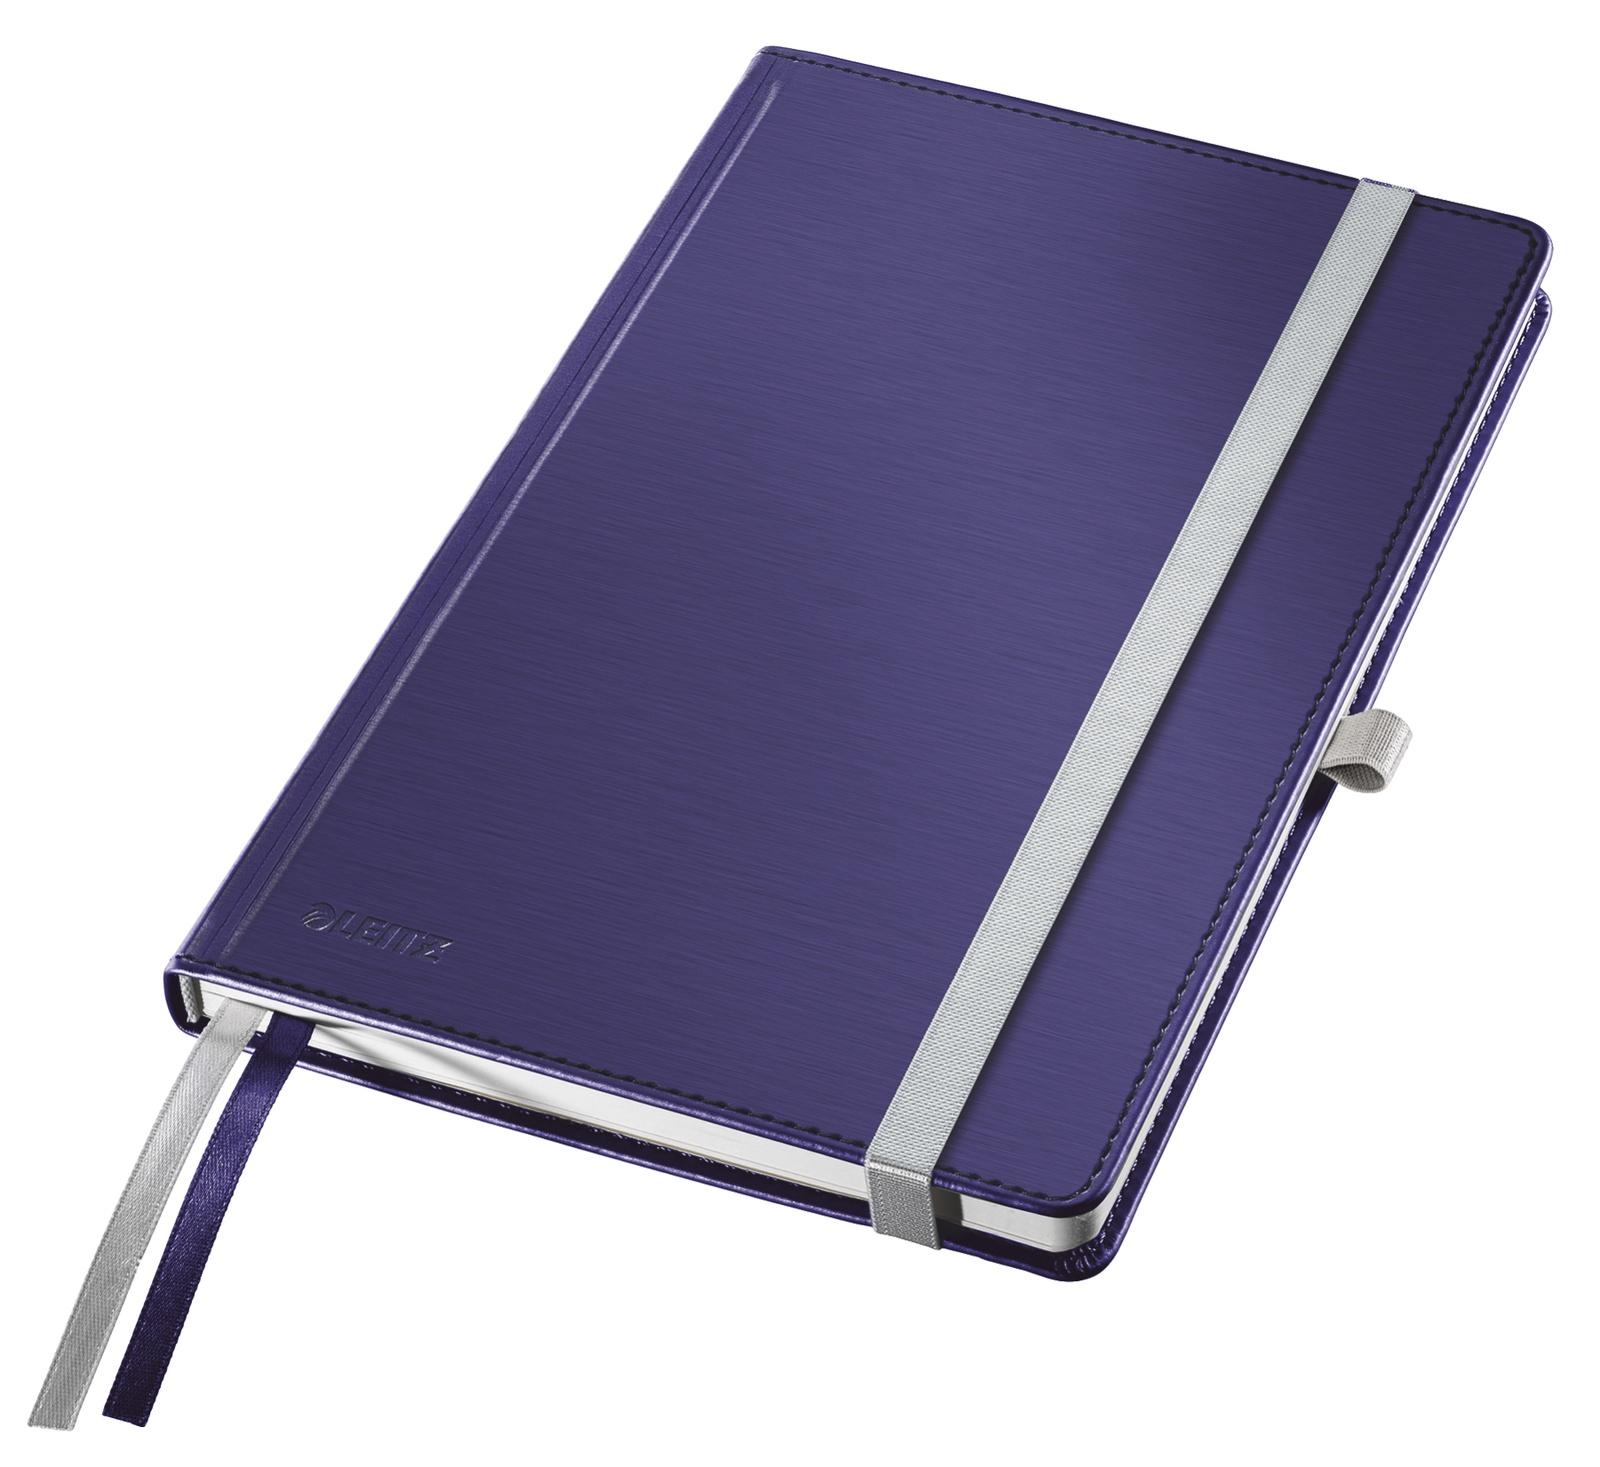 Записная книжка Leitz Записная книга Style, А5, клетка, синий титан, 80